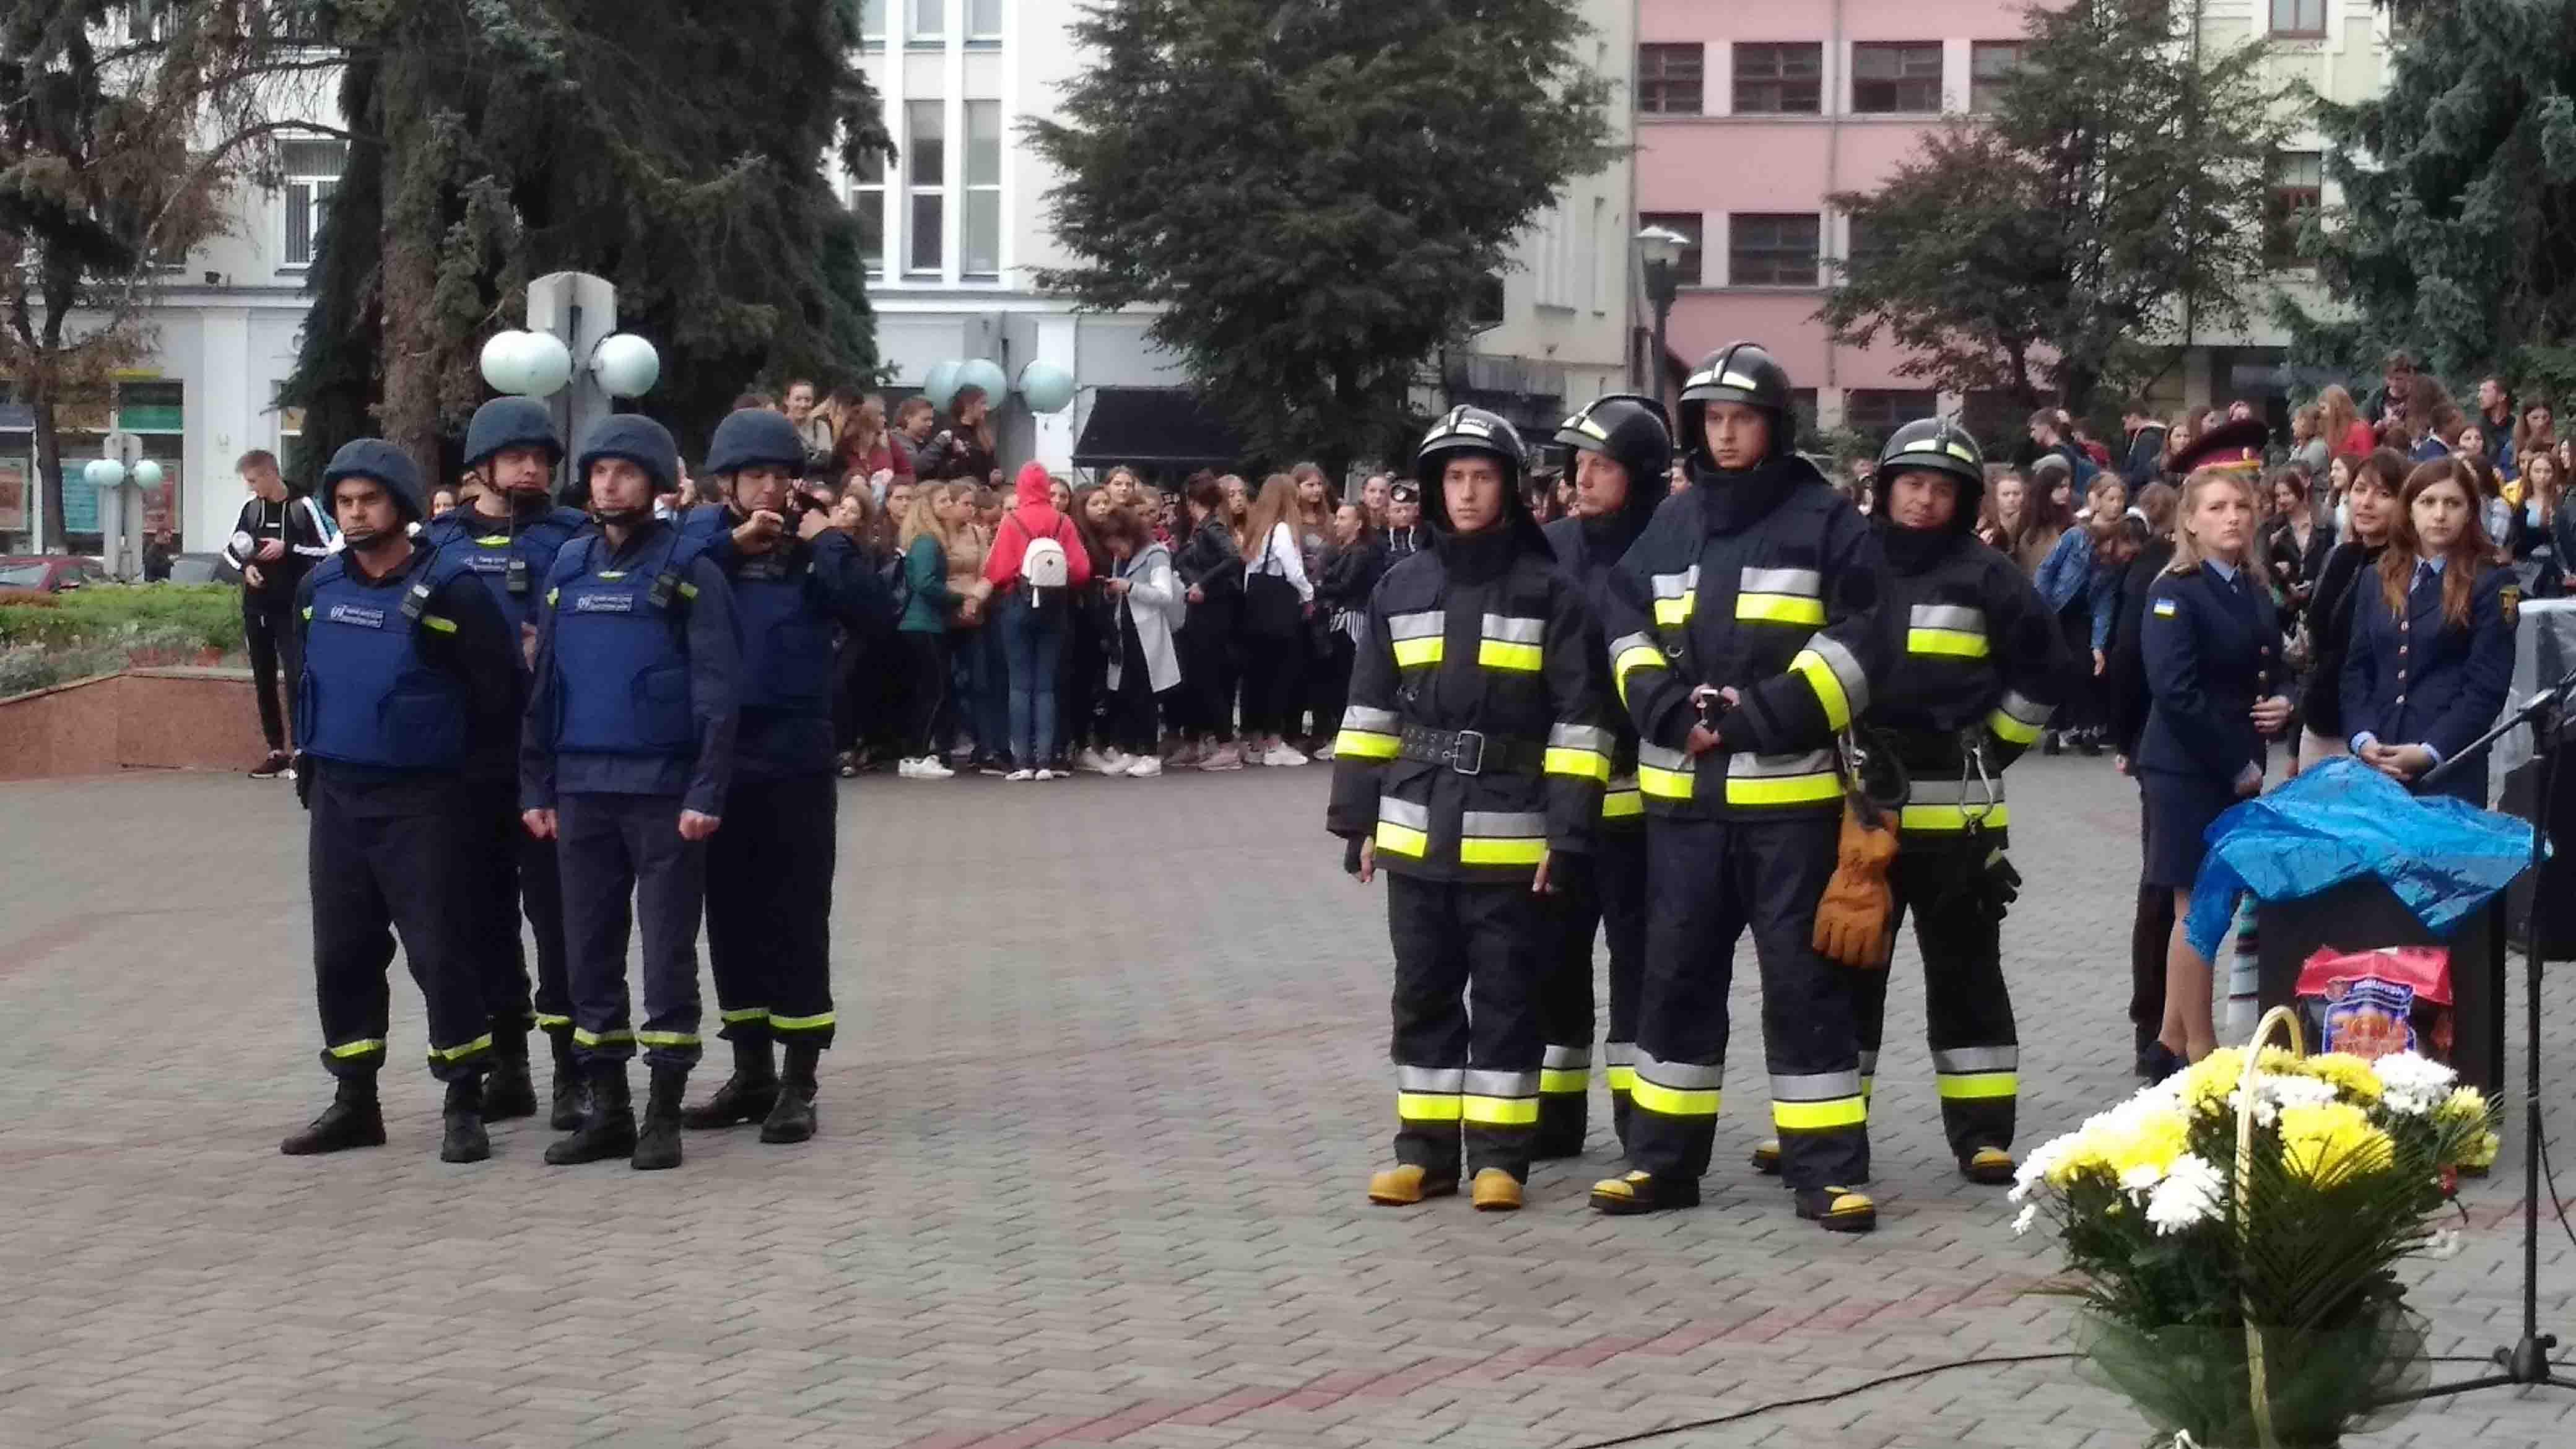 Ми завжди готові прийти на допомогу: Івано-Франківськ урочисто відсвяткував День рятівника (ФОТО)